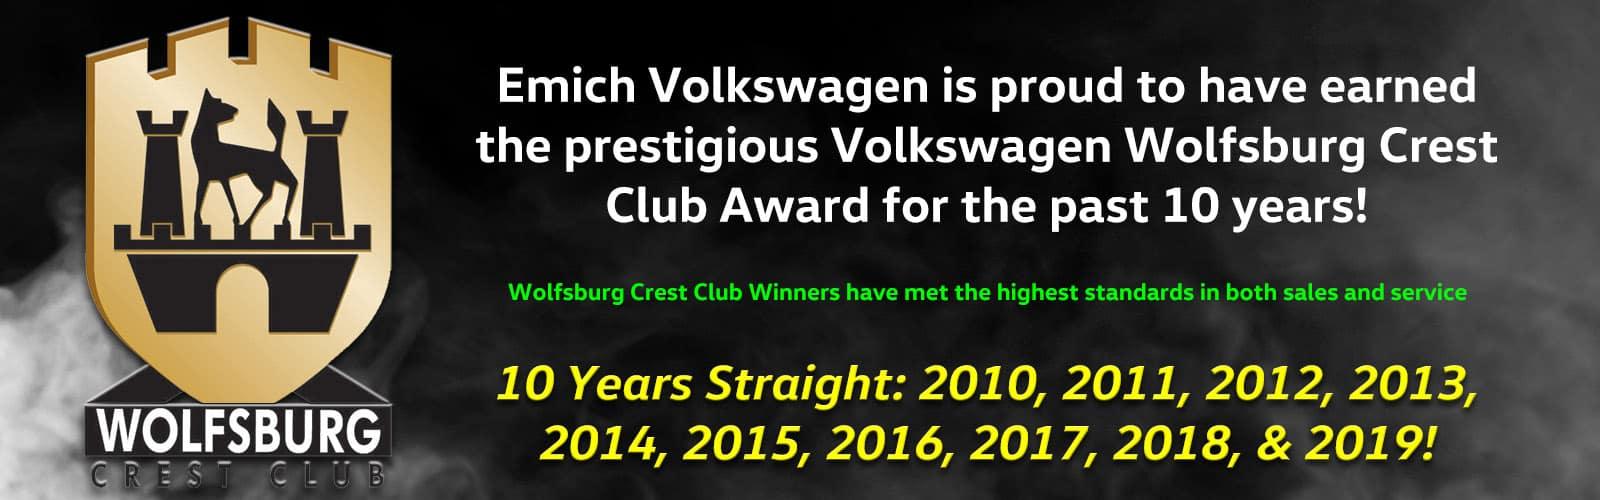 Wolfsburg Crest Club Winner 2020